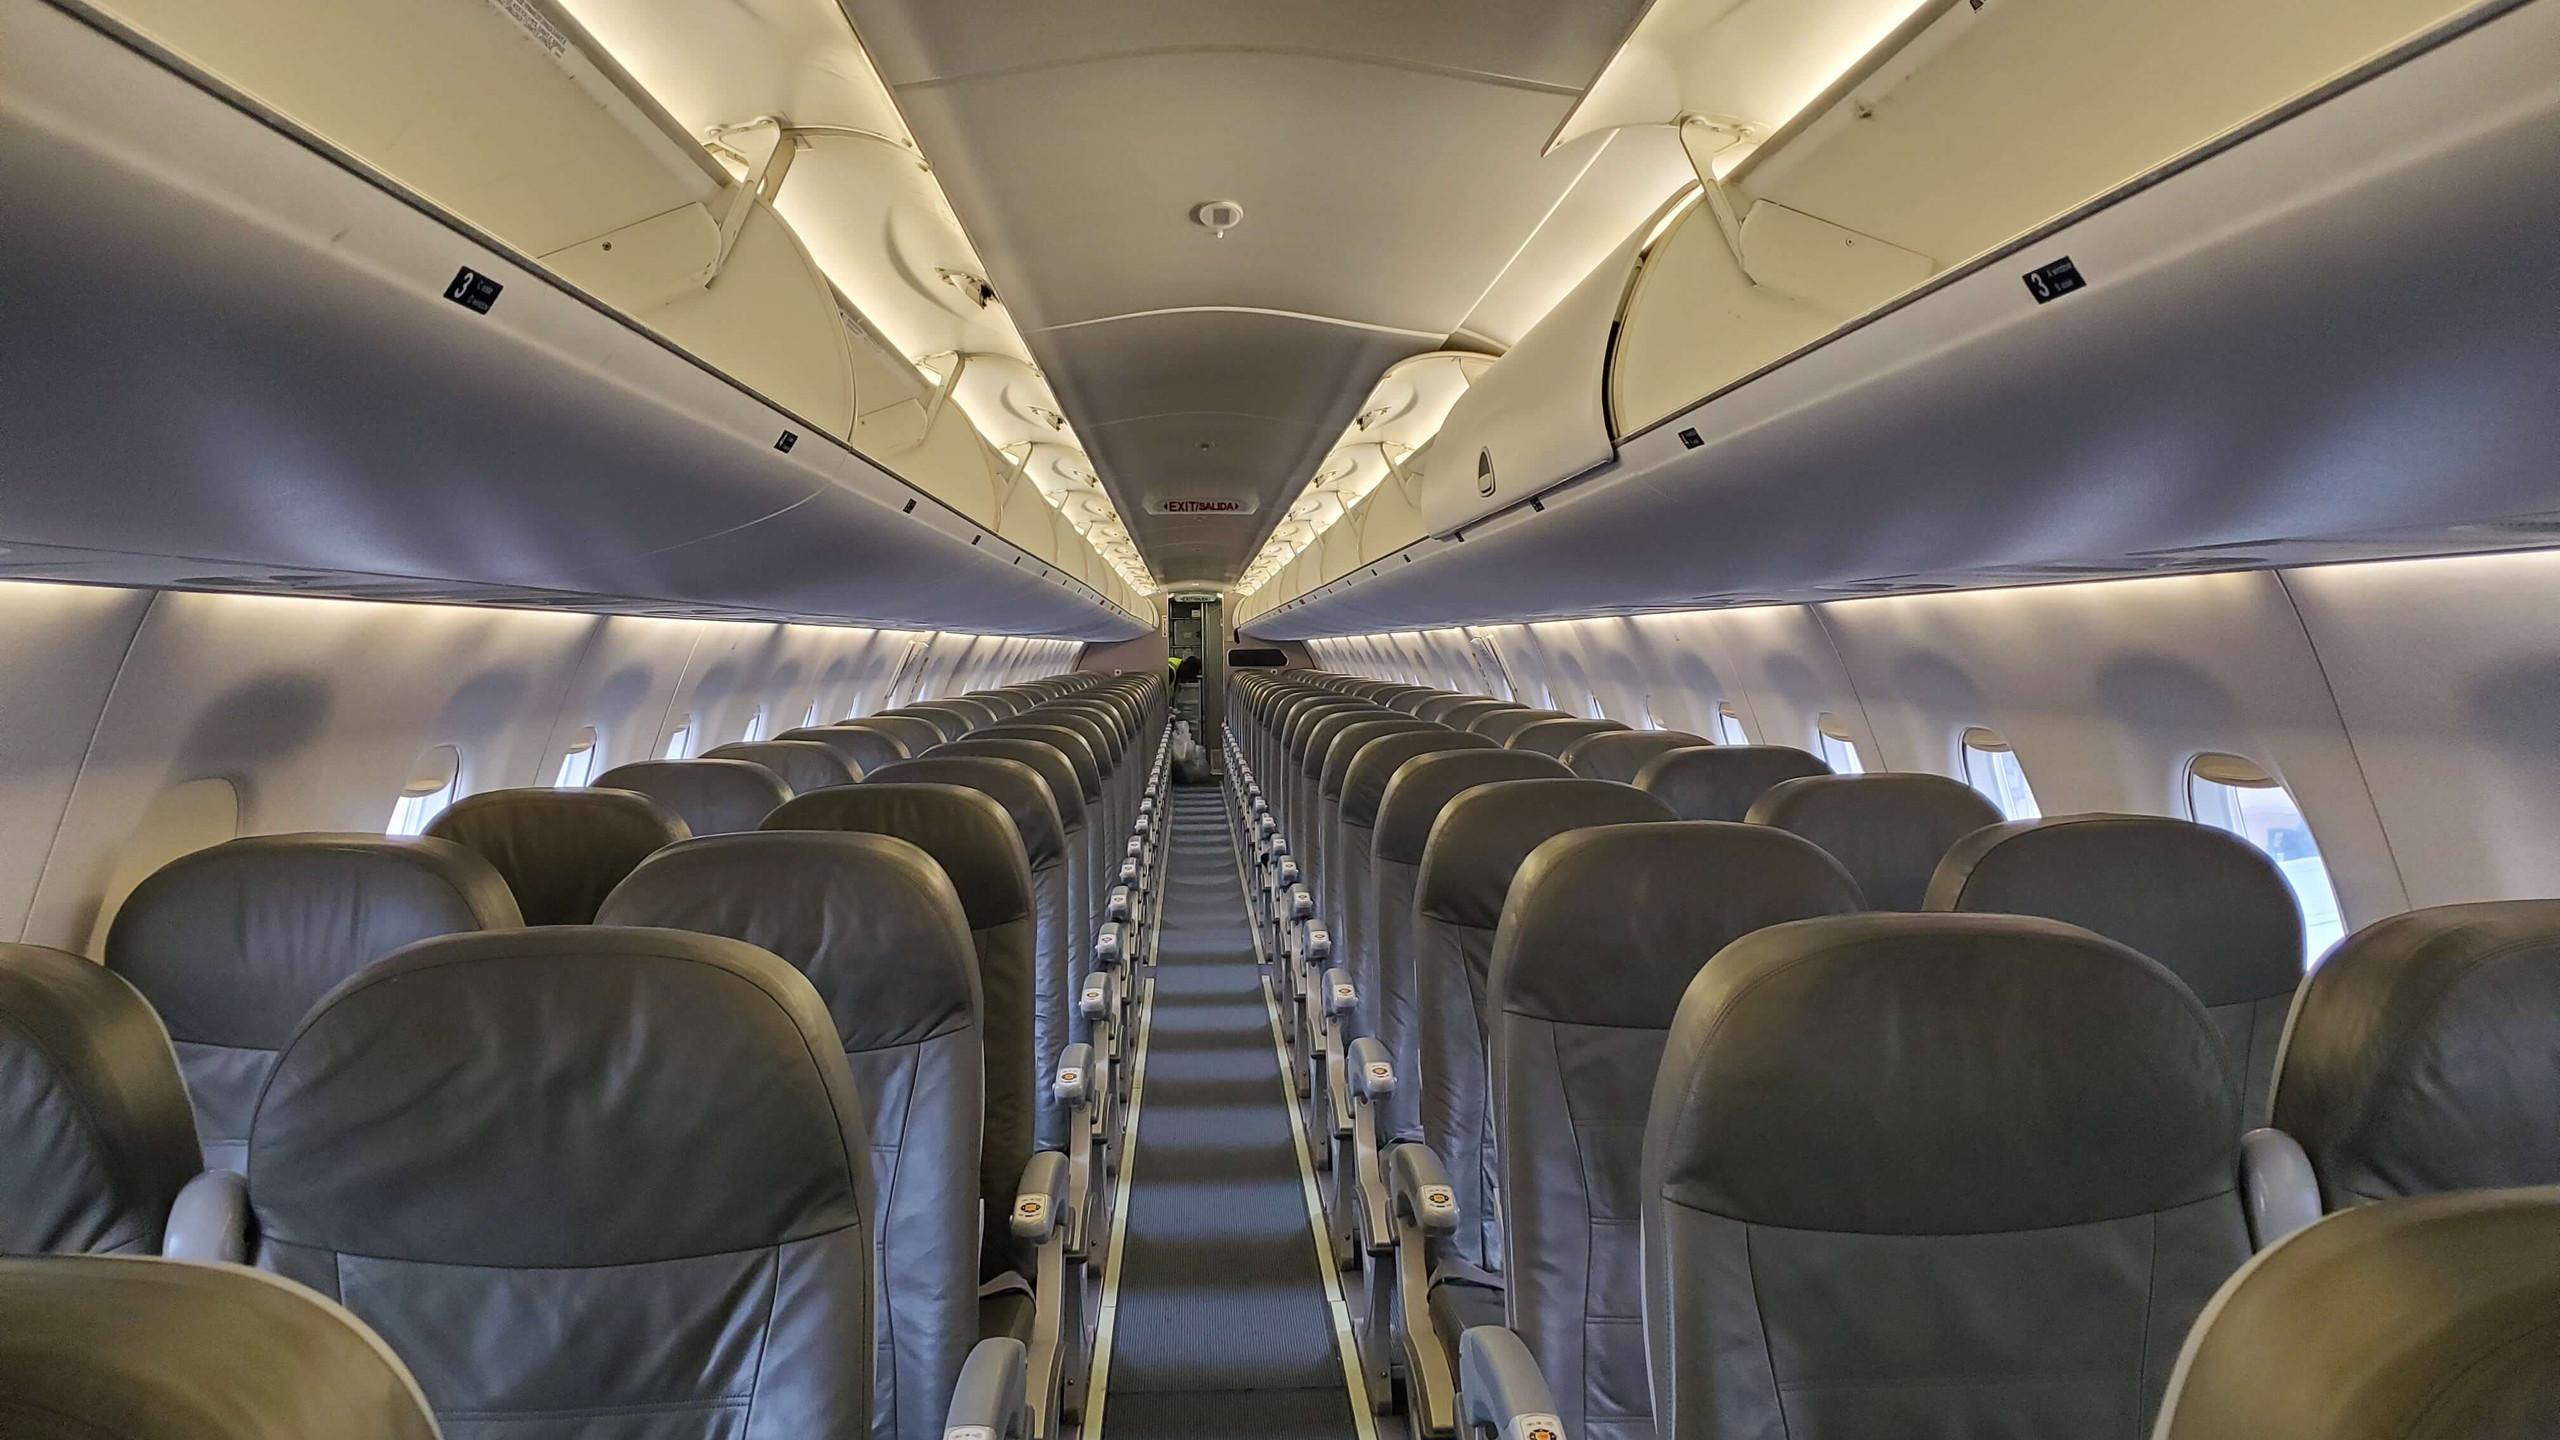 E190 Interior - Rear Facing